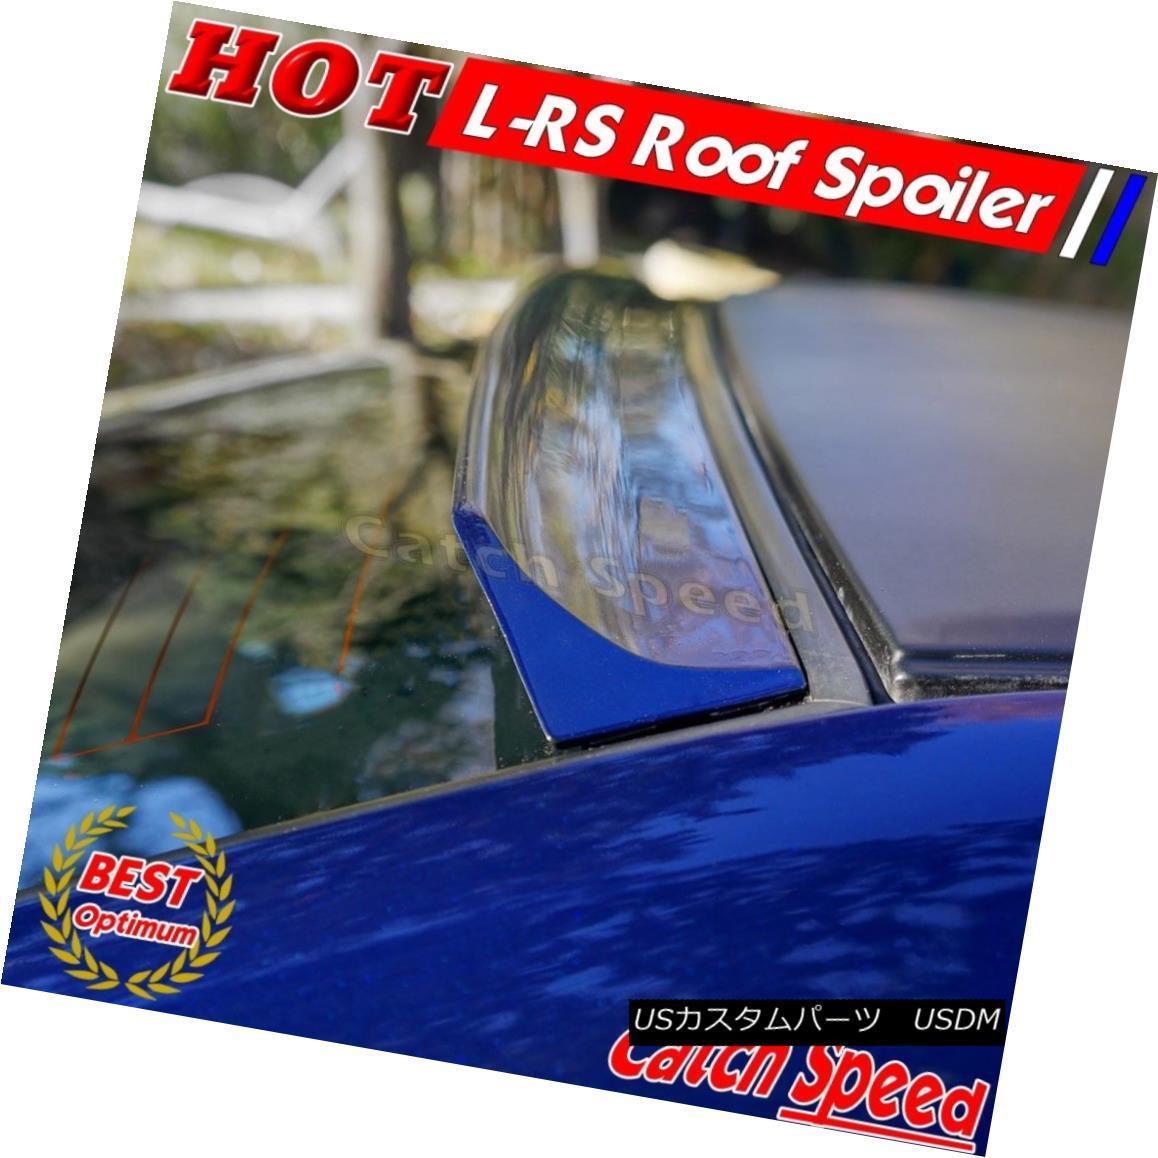 エアロパーツ Painted LRS Type Rear Roof Spoiler Wing For Honda CIVIC Coupe 2001-2005 ? ホンダシビッククーペ2001-2005のために塗装されたLRSタイプのリアルーフスポイラーウイング?